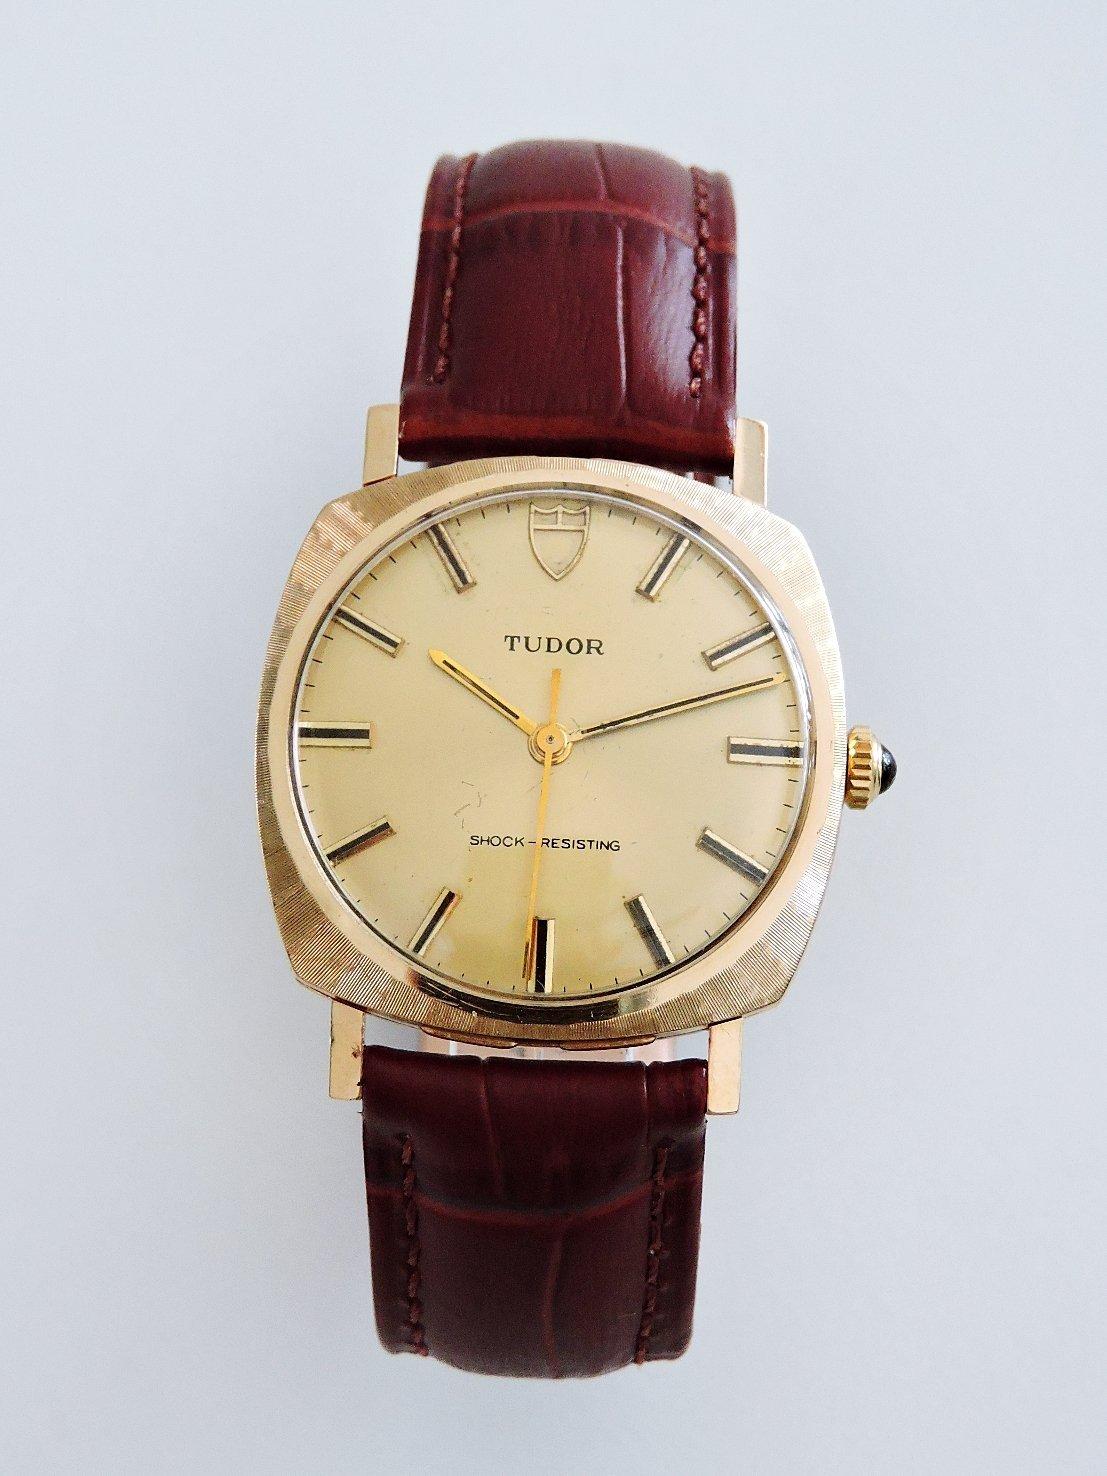 正9K金  ROLEX / TUDOR 帝舵 典藏手上鍊機械古董錶 勞力士 男錶